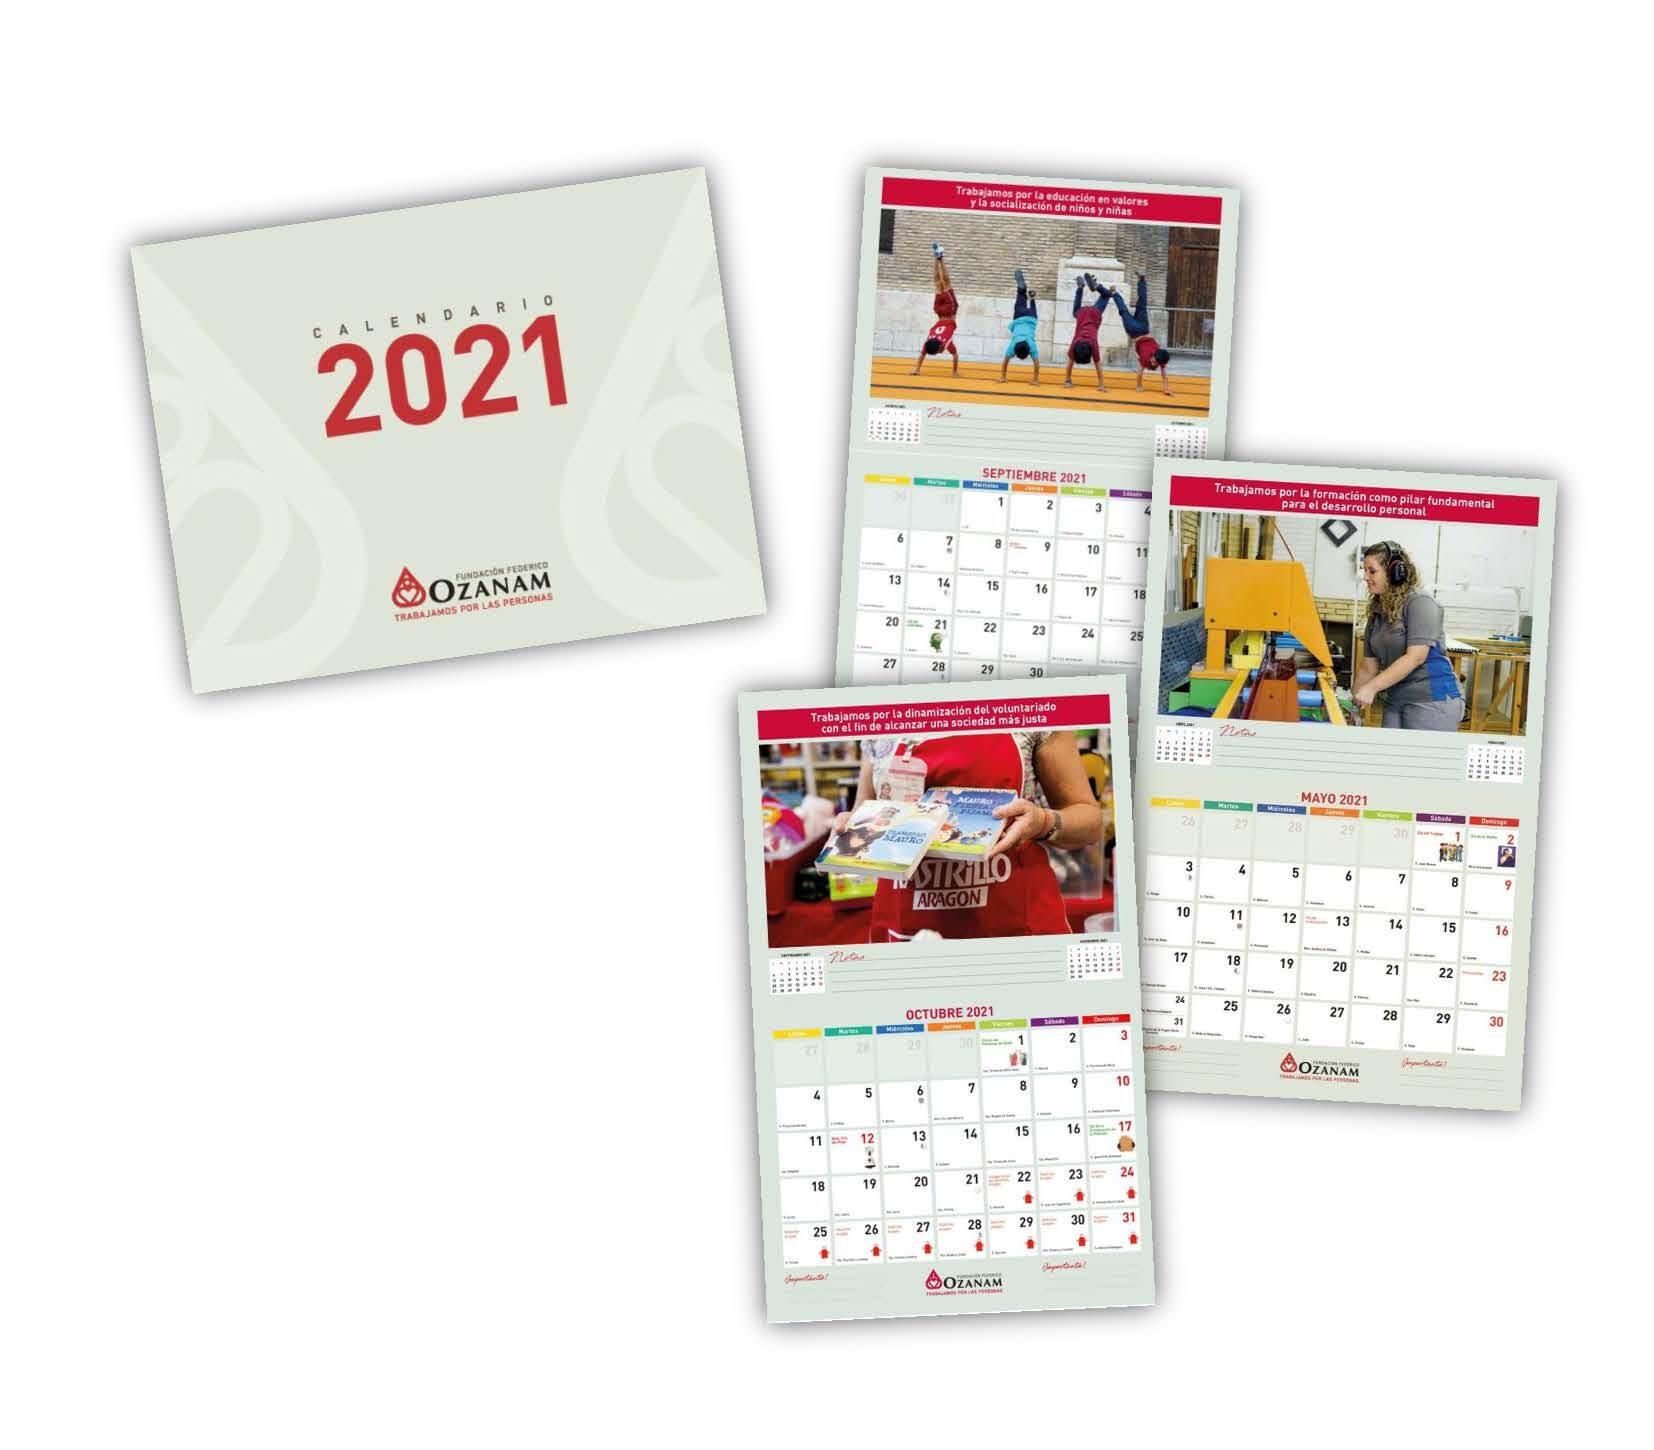 Calendario Ozanam 2021